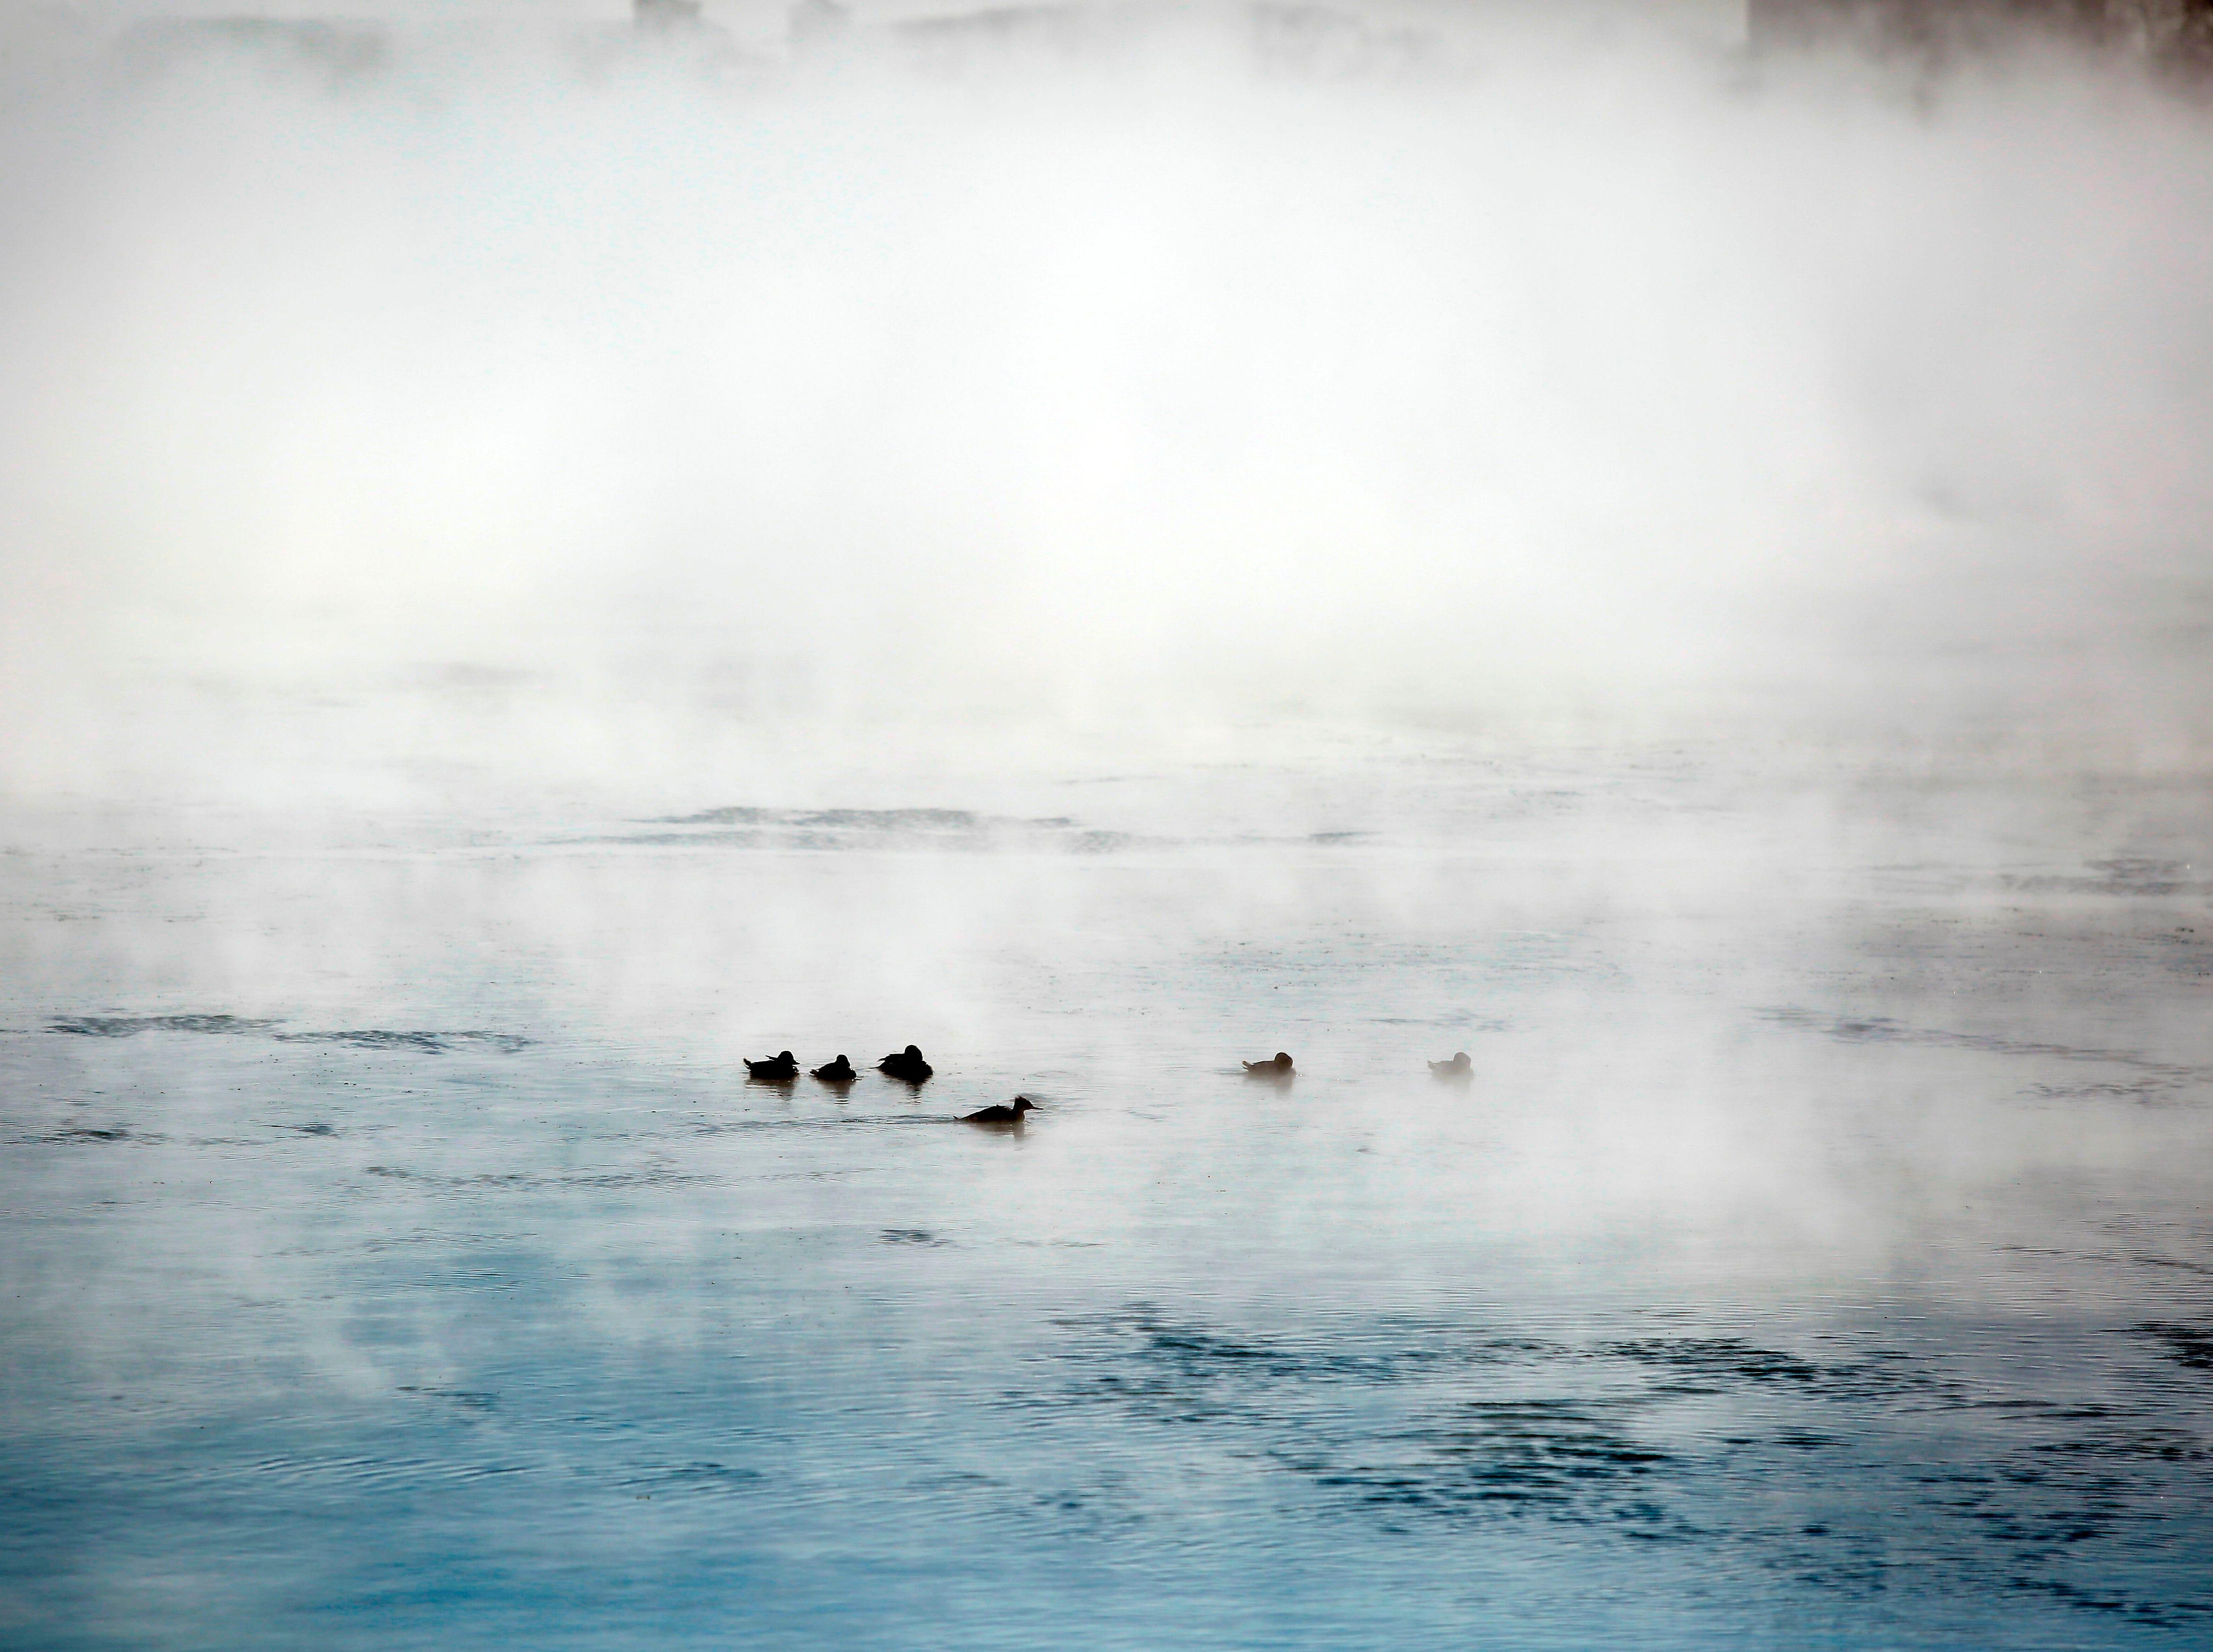 os patos descansan en el lago Michigan cuando las temperaturas bajaron a -20 grados F (-29 ° C) el 30 de enero de 2019 en Chicago, Illinois.